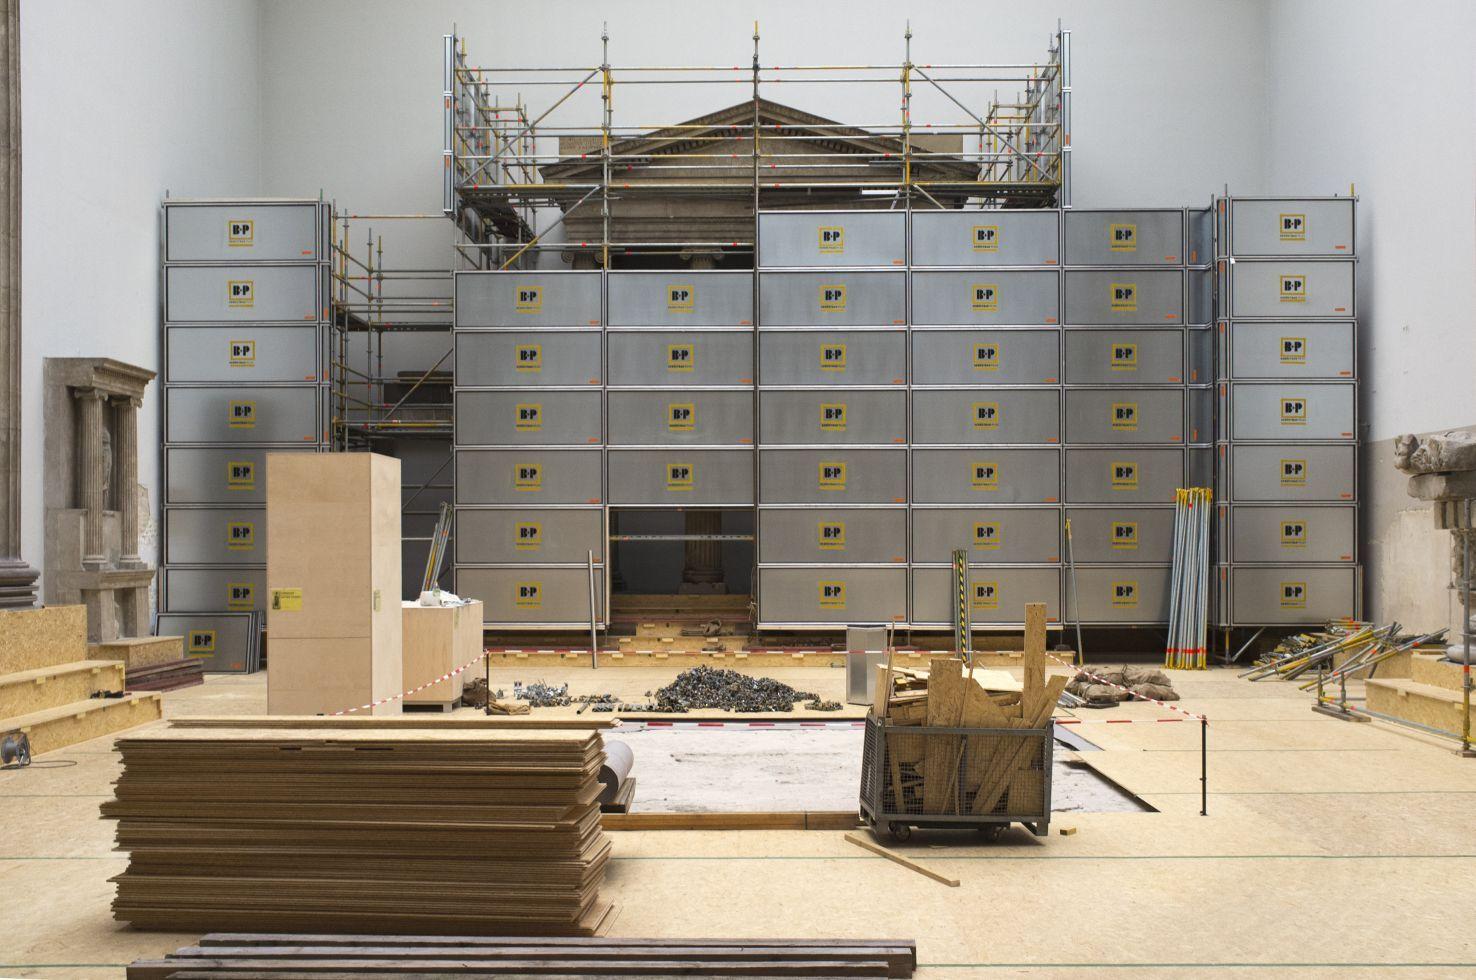 Aufbau der Schutzeinhausungen im Hellenistischen Saal (gleiche Perspektive) . Foto: Peter Thieme